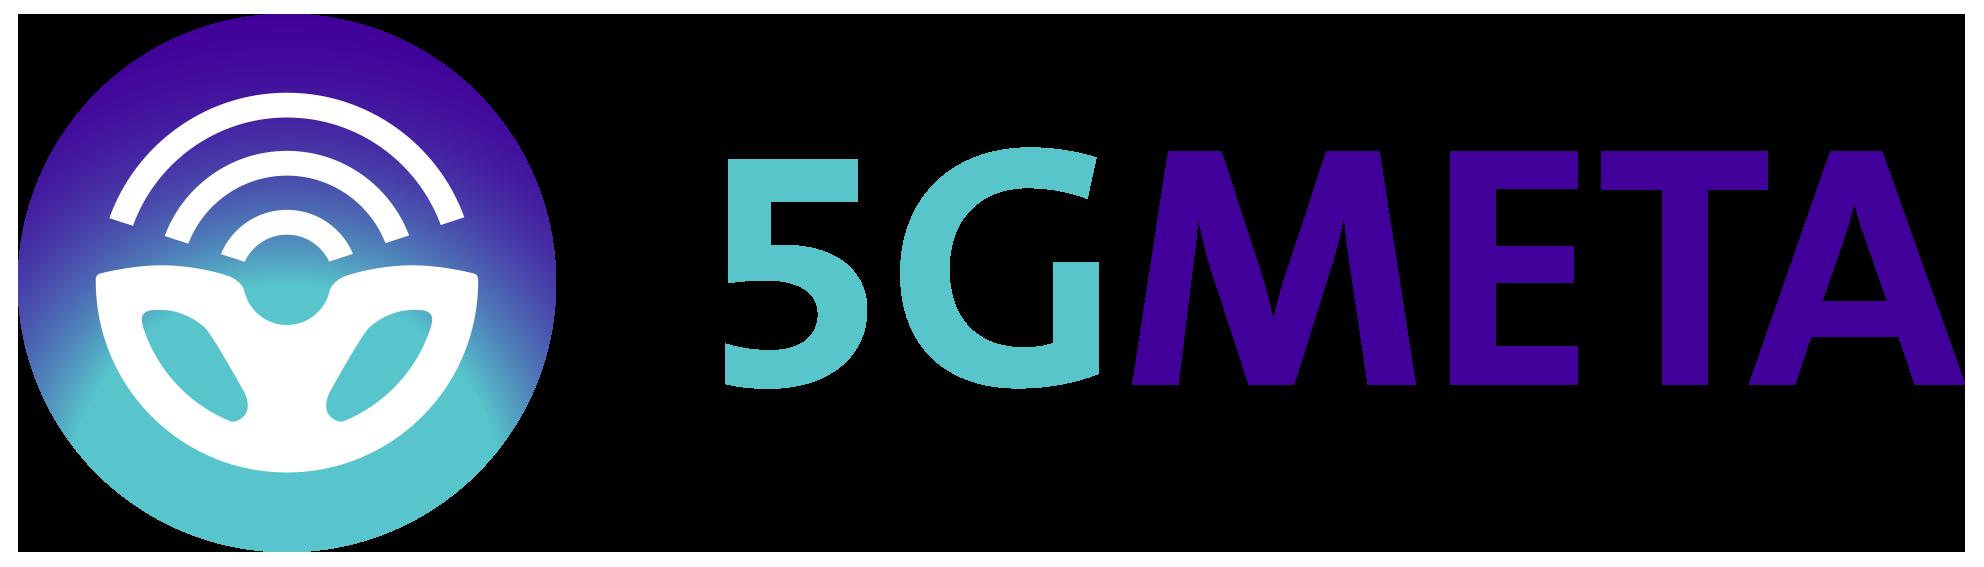 logo 5GMETA